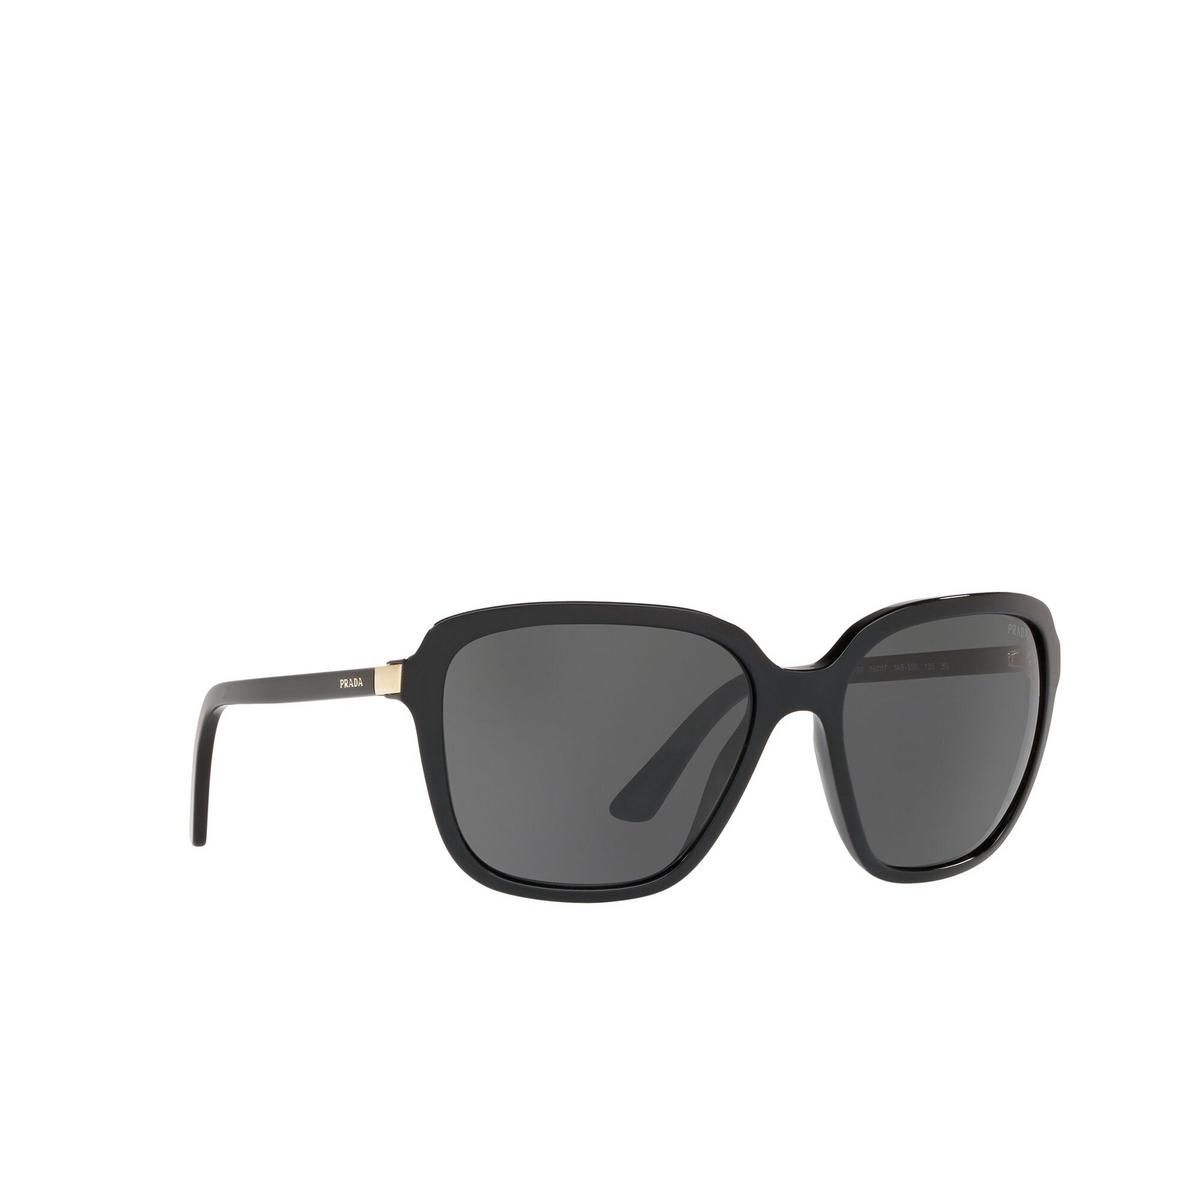 Prada® Square Sunglasses: Heritage PR 10VS color Dark 1AB5S0 - three-quarters view.